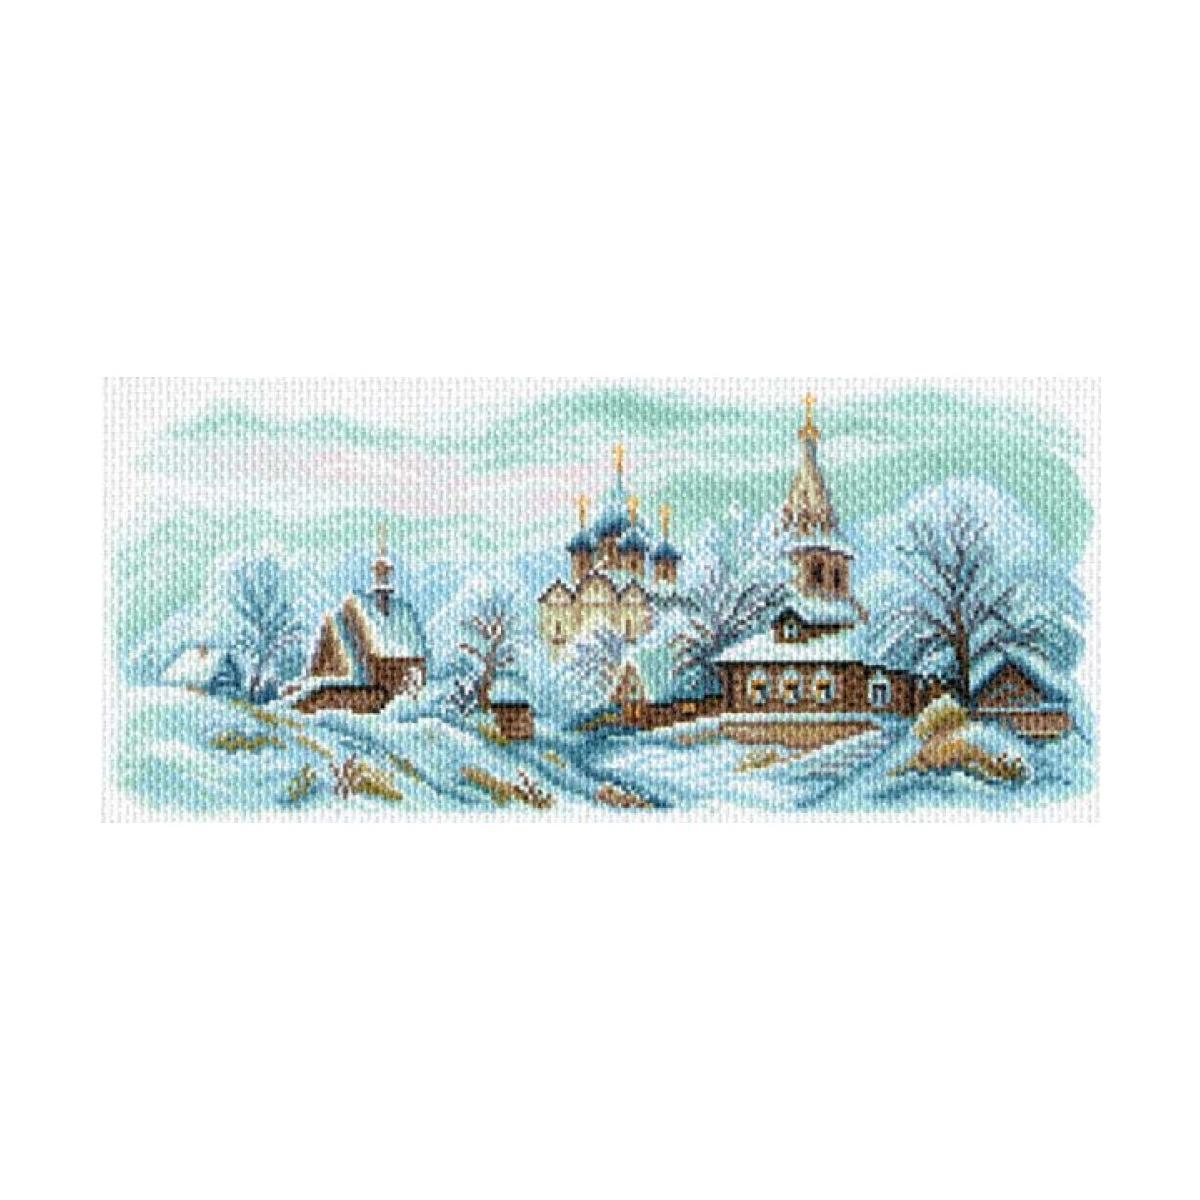 Канва с рисунком Матренин Посад Зимний Суздаль, 22 см х 45 см. 1625549839Размер: 22x45 см Рисунок полностью напечатан на канве. Указана цветовая карта ниток. Вышивать рекомендуется мулине в 3 сложения.